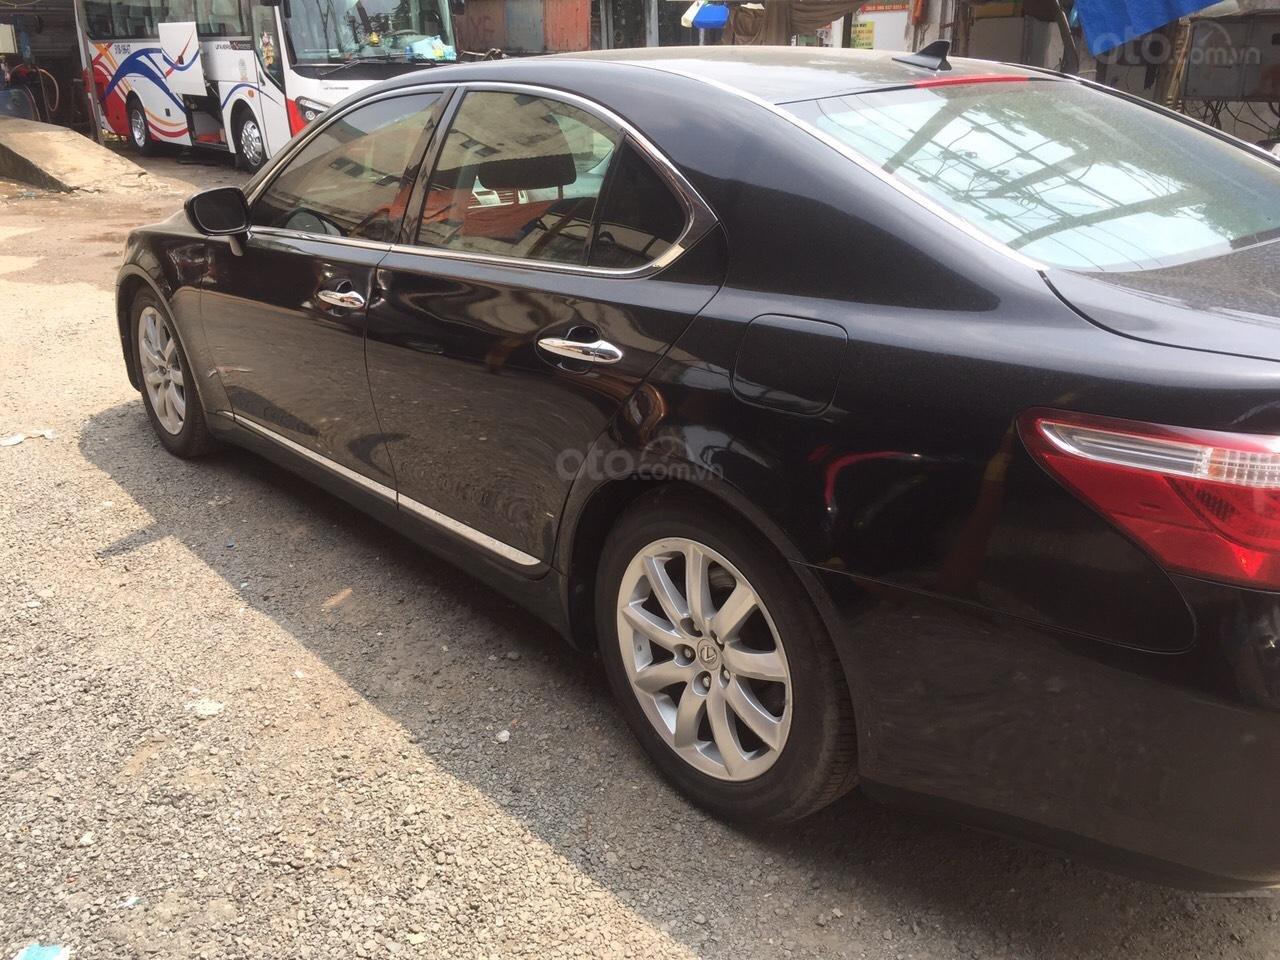 Bán ô tô Lexus LS460 đời 2010, màu đen, nhập khẩu nguyên chiếc, giá chỉ 400 triệu (1)